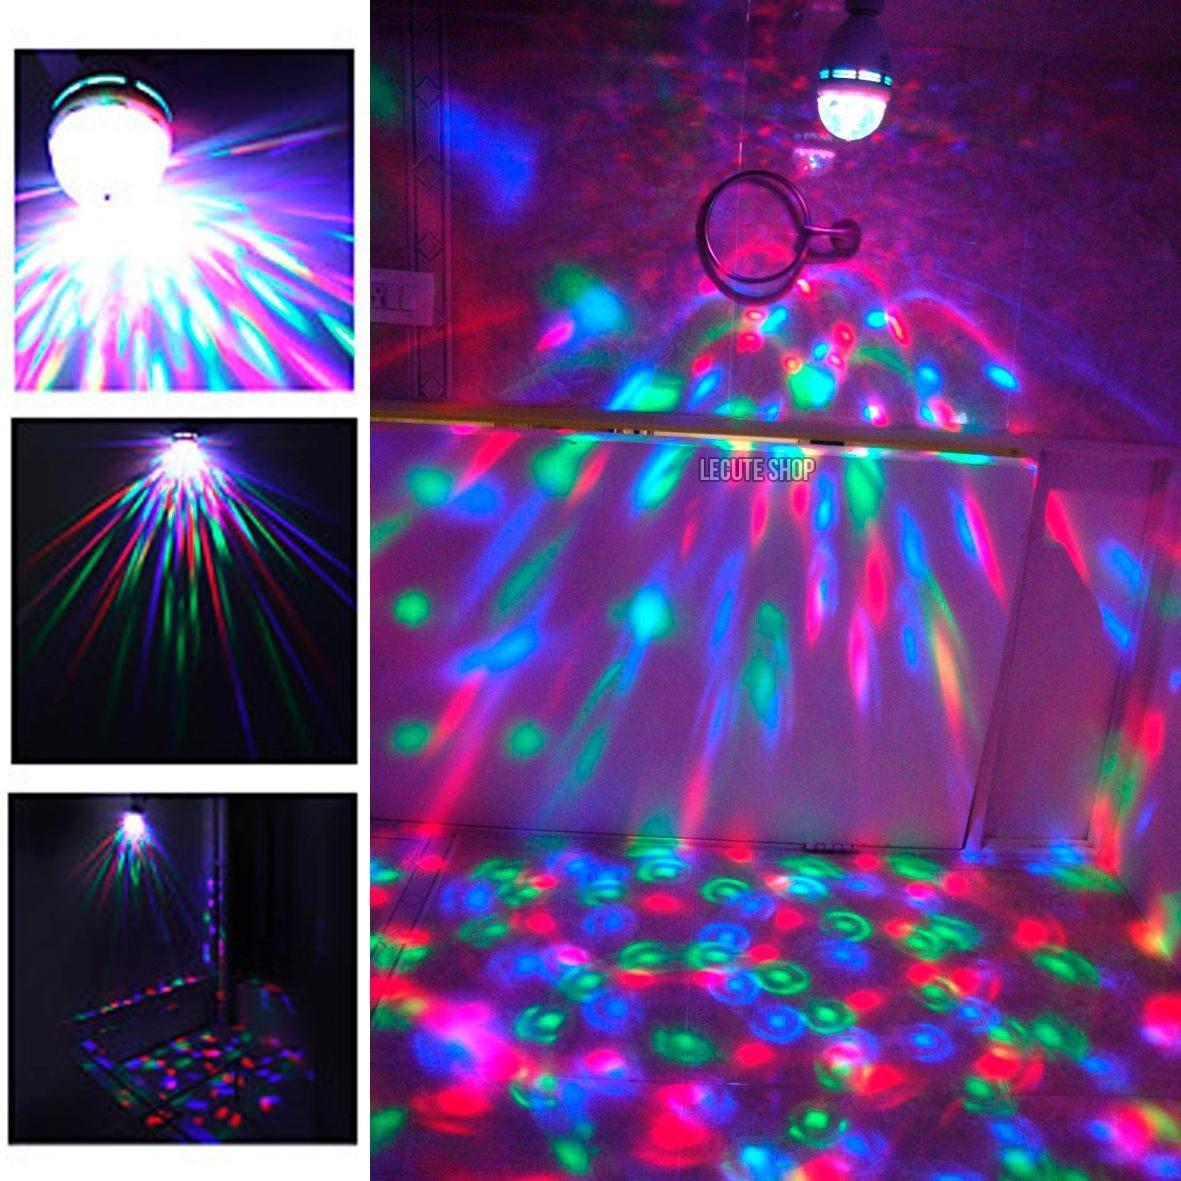 Foco lampara disco led rgb giratorio estrobo fiesta rave bar en mercado libre - Focos led con luces de colores ...